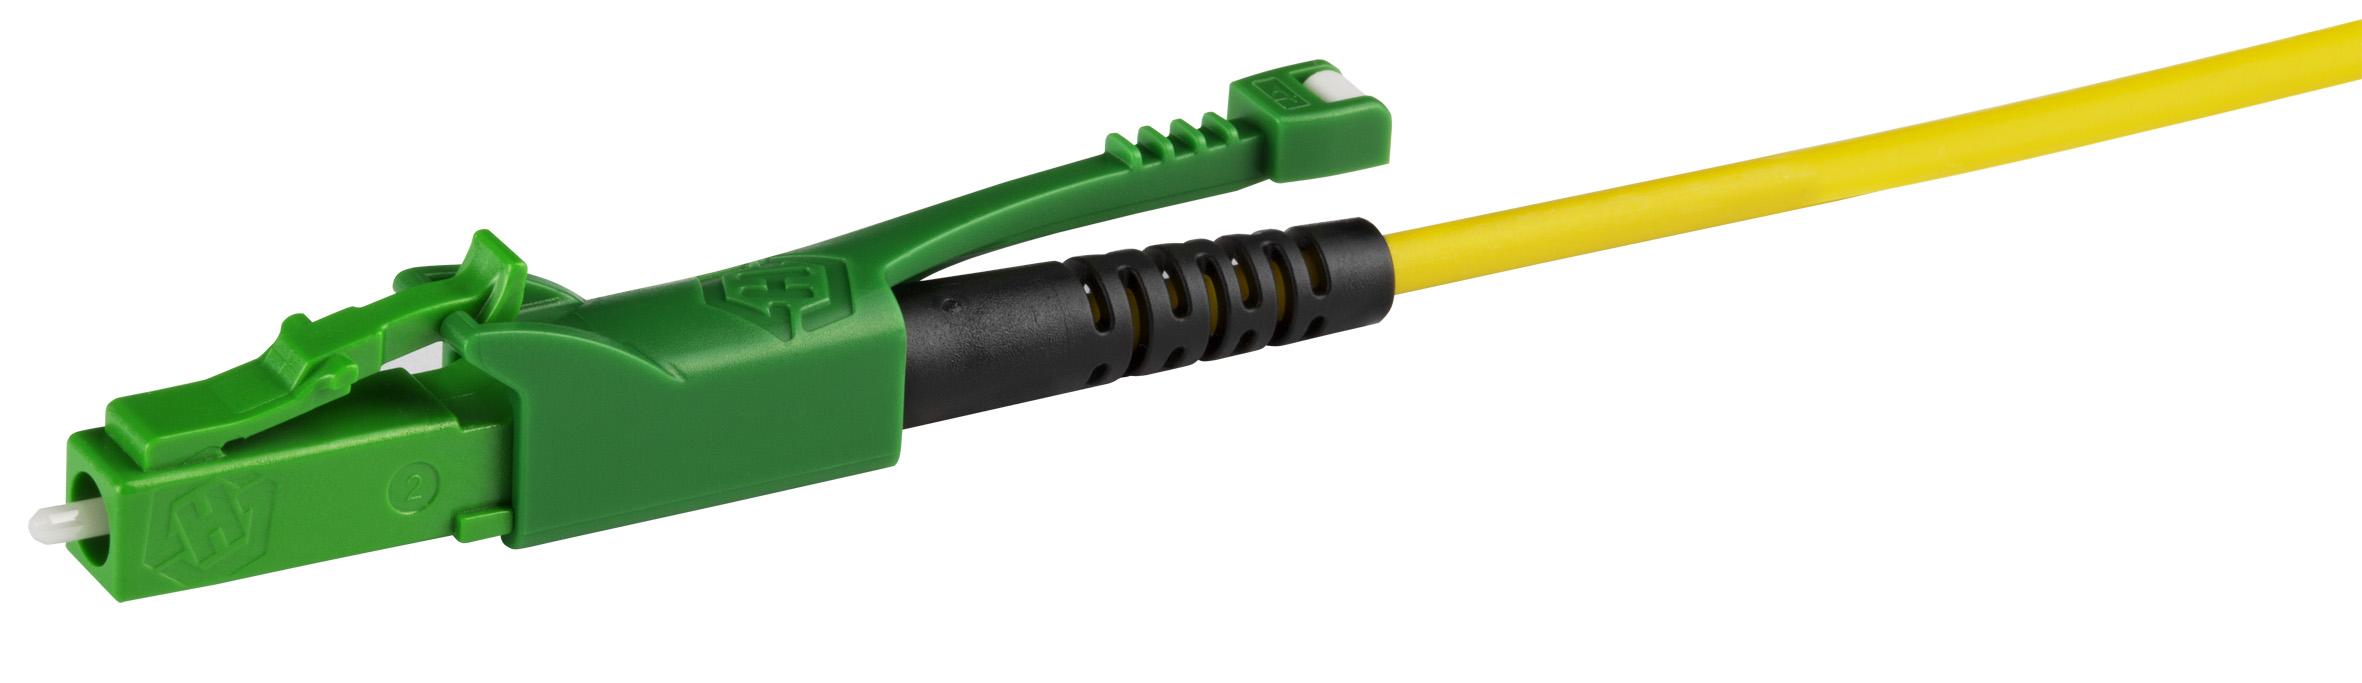 Der neue LC-XD Verbinder maximiert die Faserdichte und verbessert das Handling